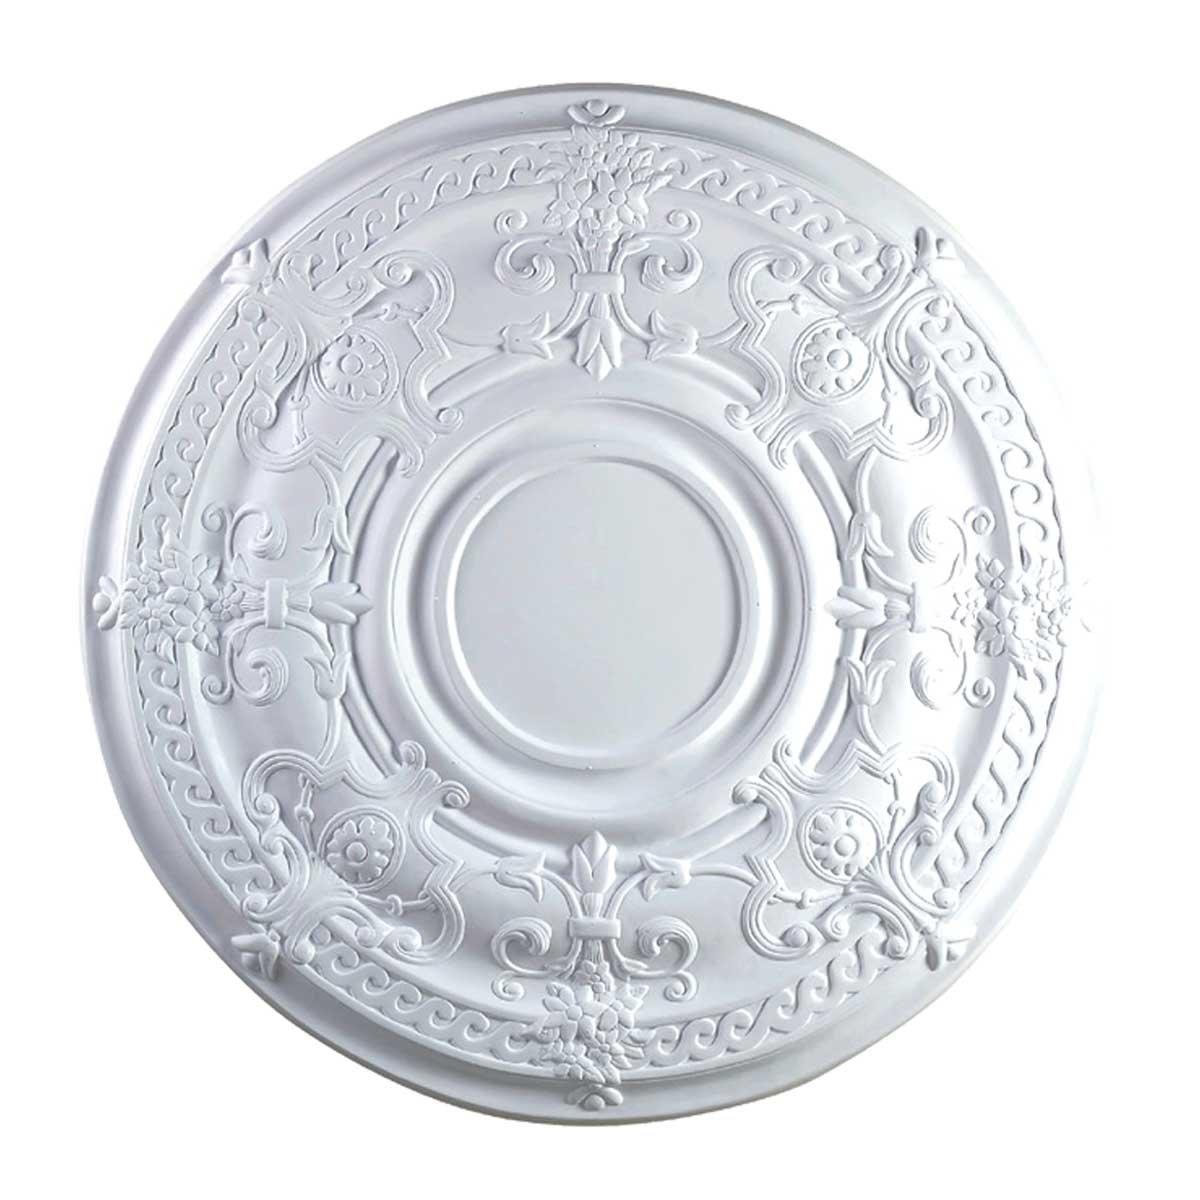 Ceiling Medallion White Urethane 34 1/8'' Diameter | Renovator's Supply